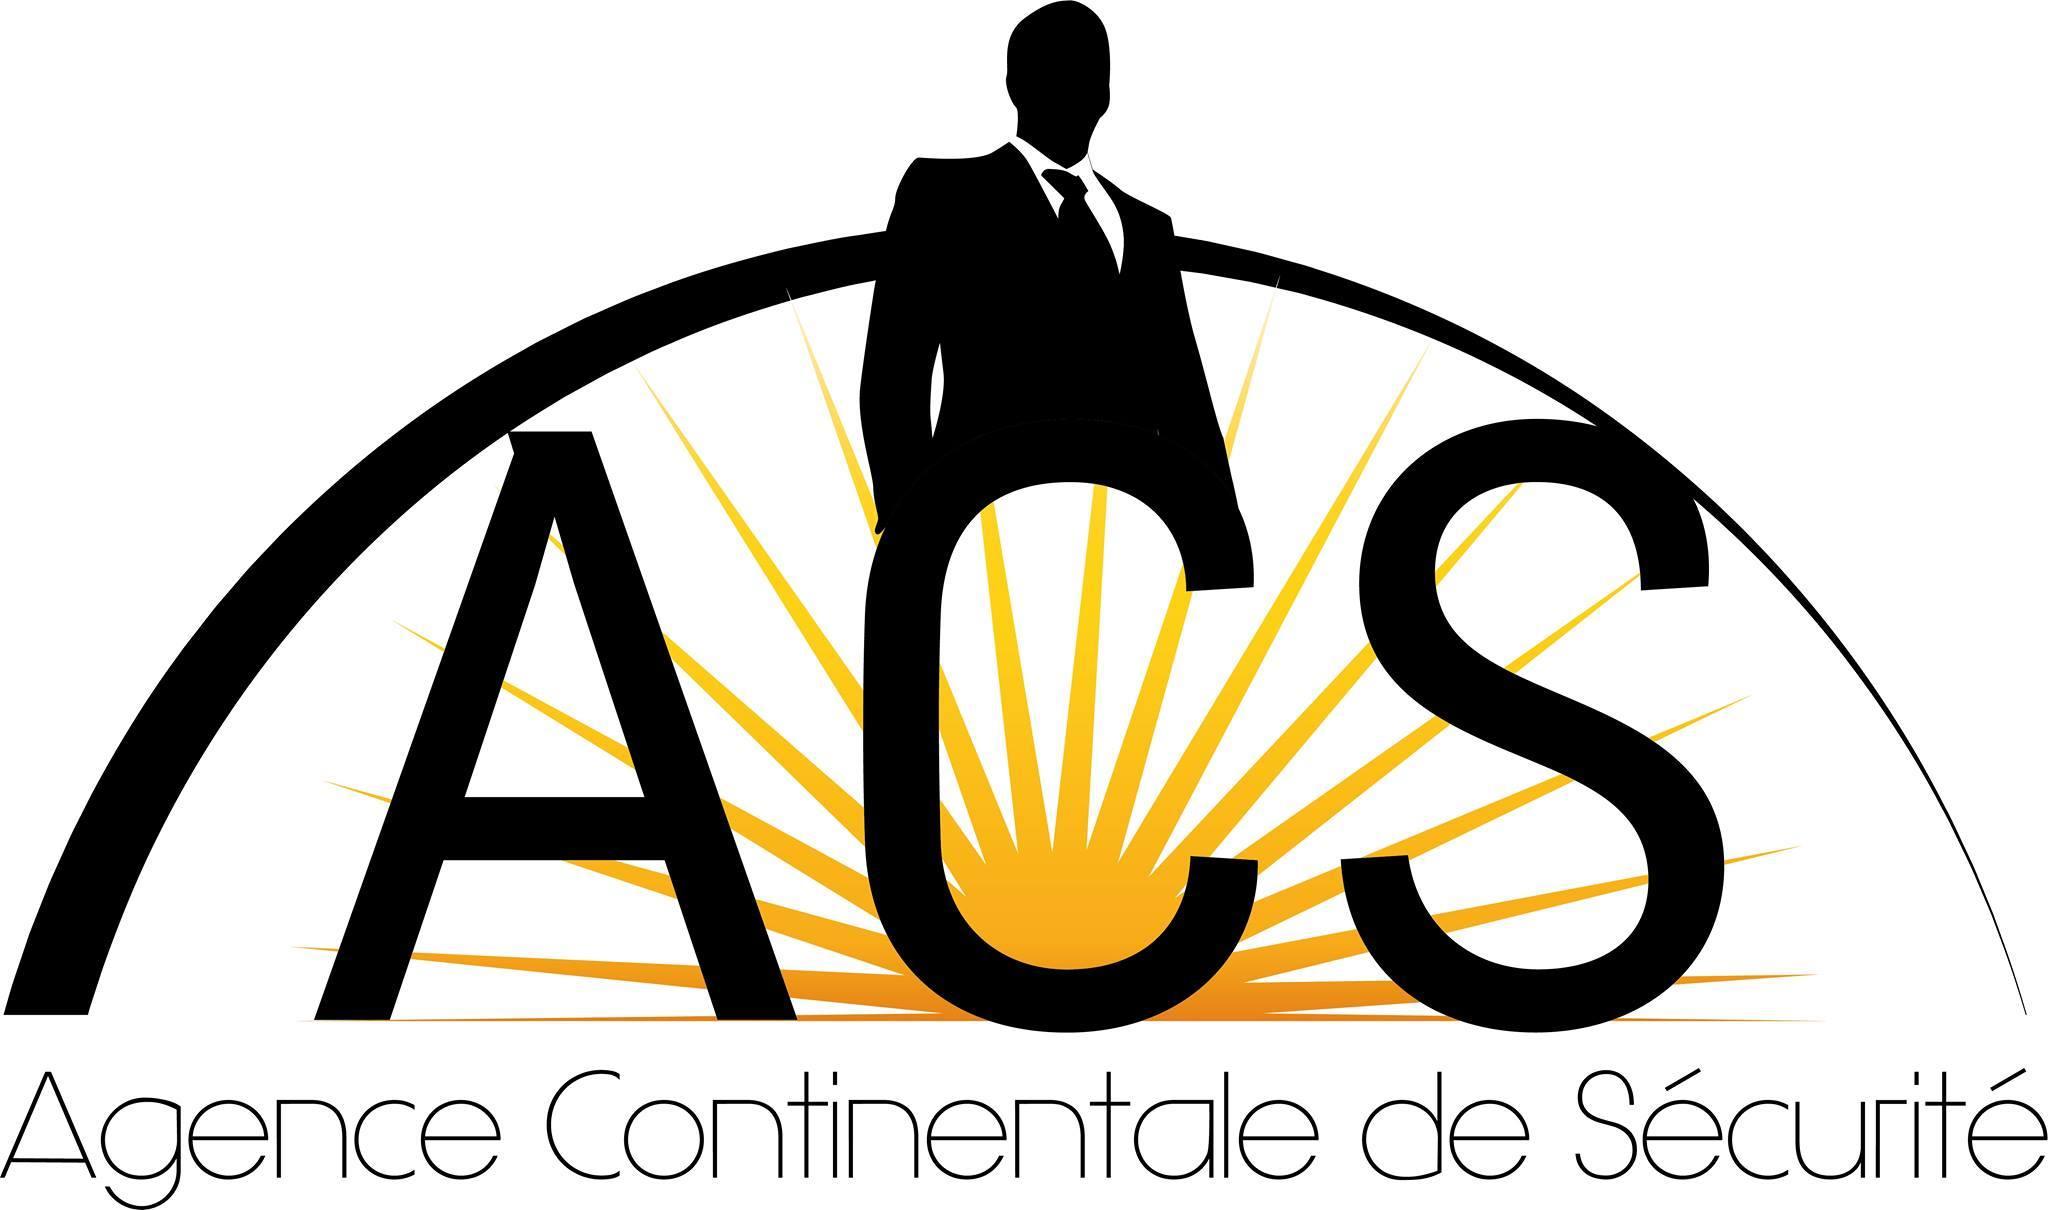 Agence Continentale de Sécurité